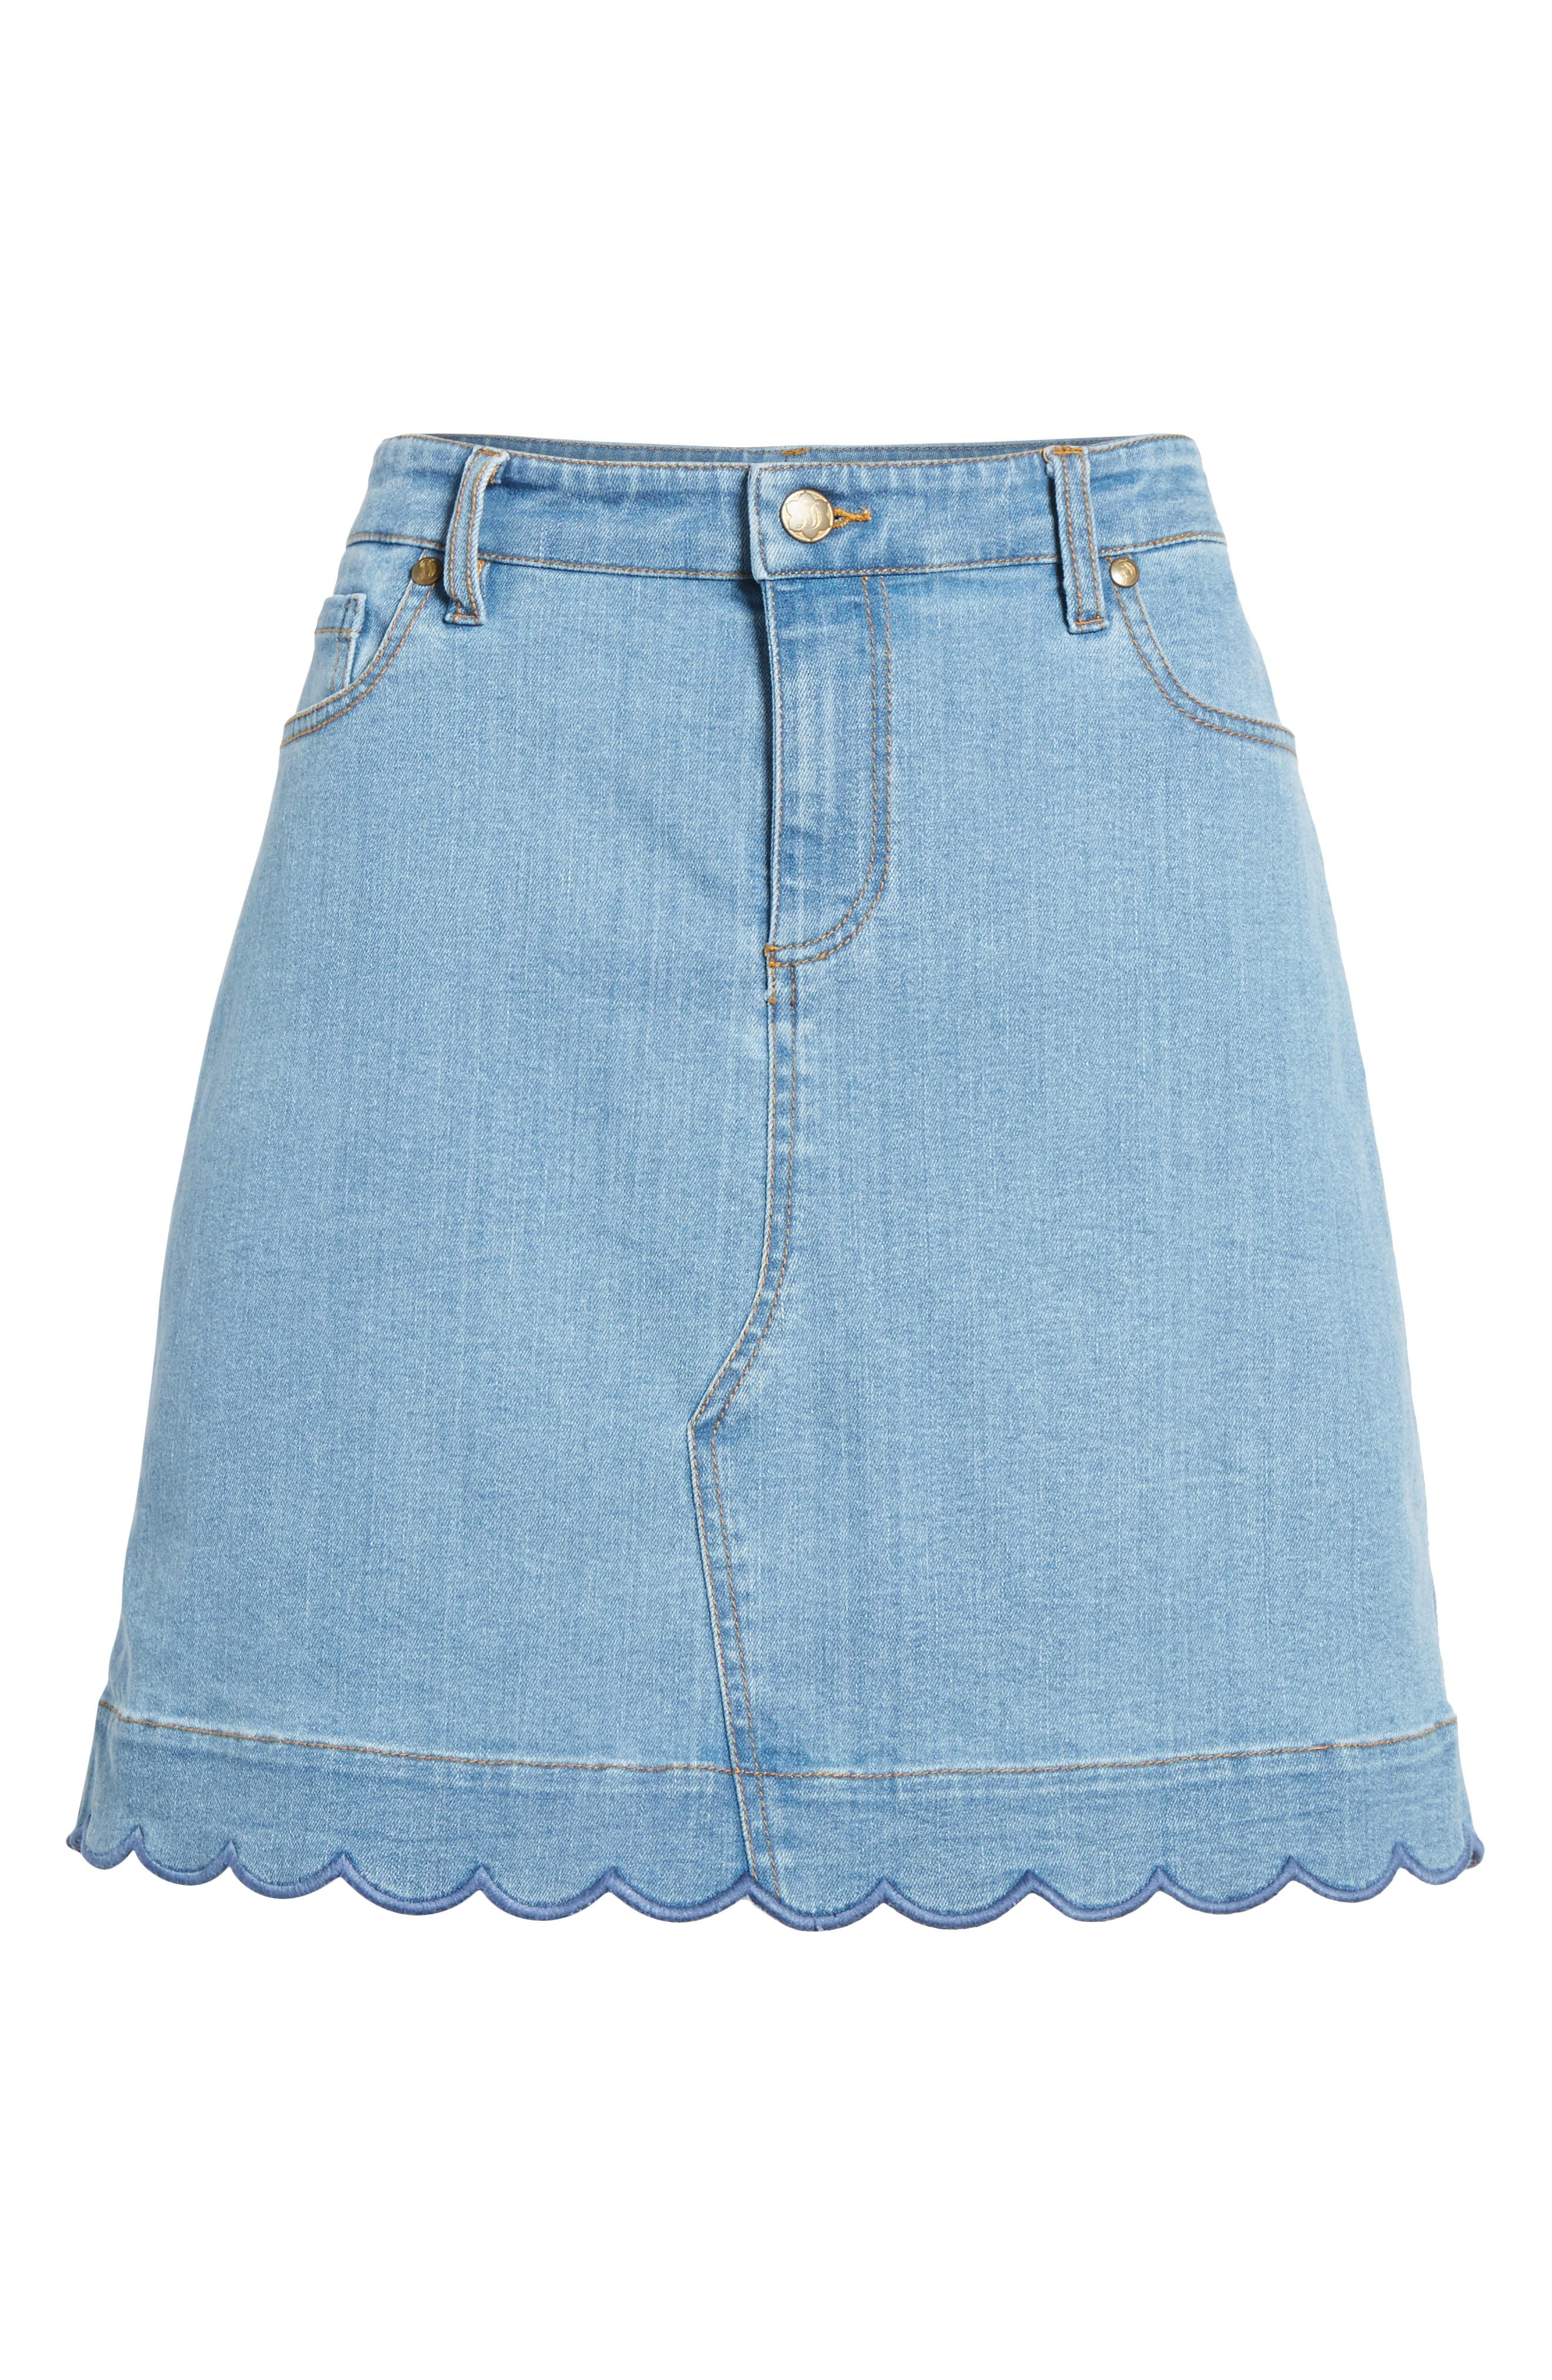 Scallop Denim Skirt,                             Alternate thumbnail 6, color,                             420